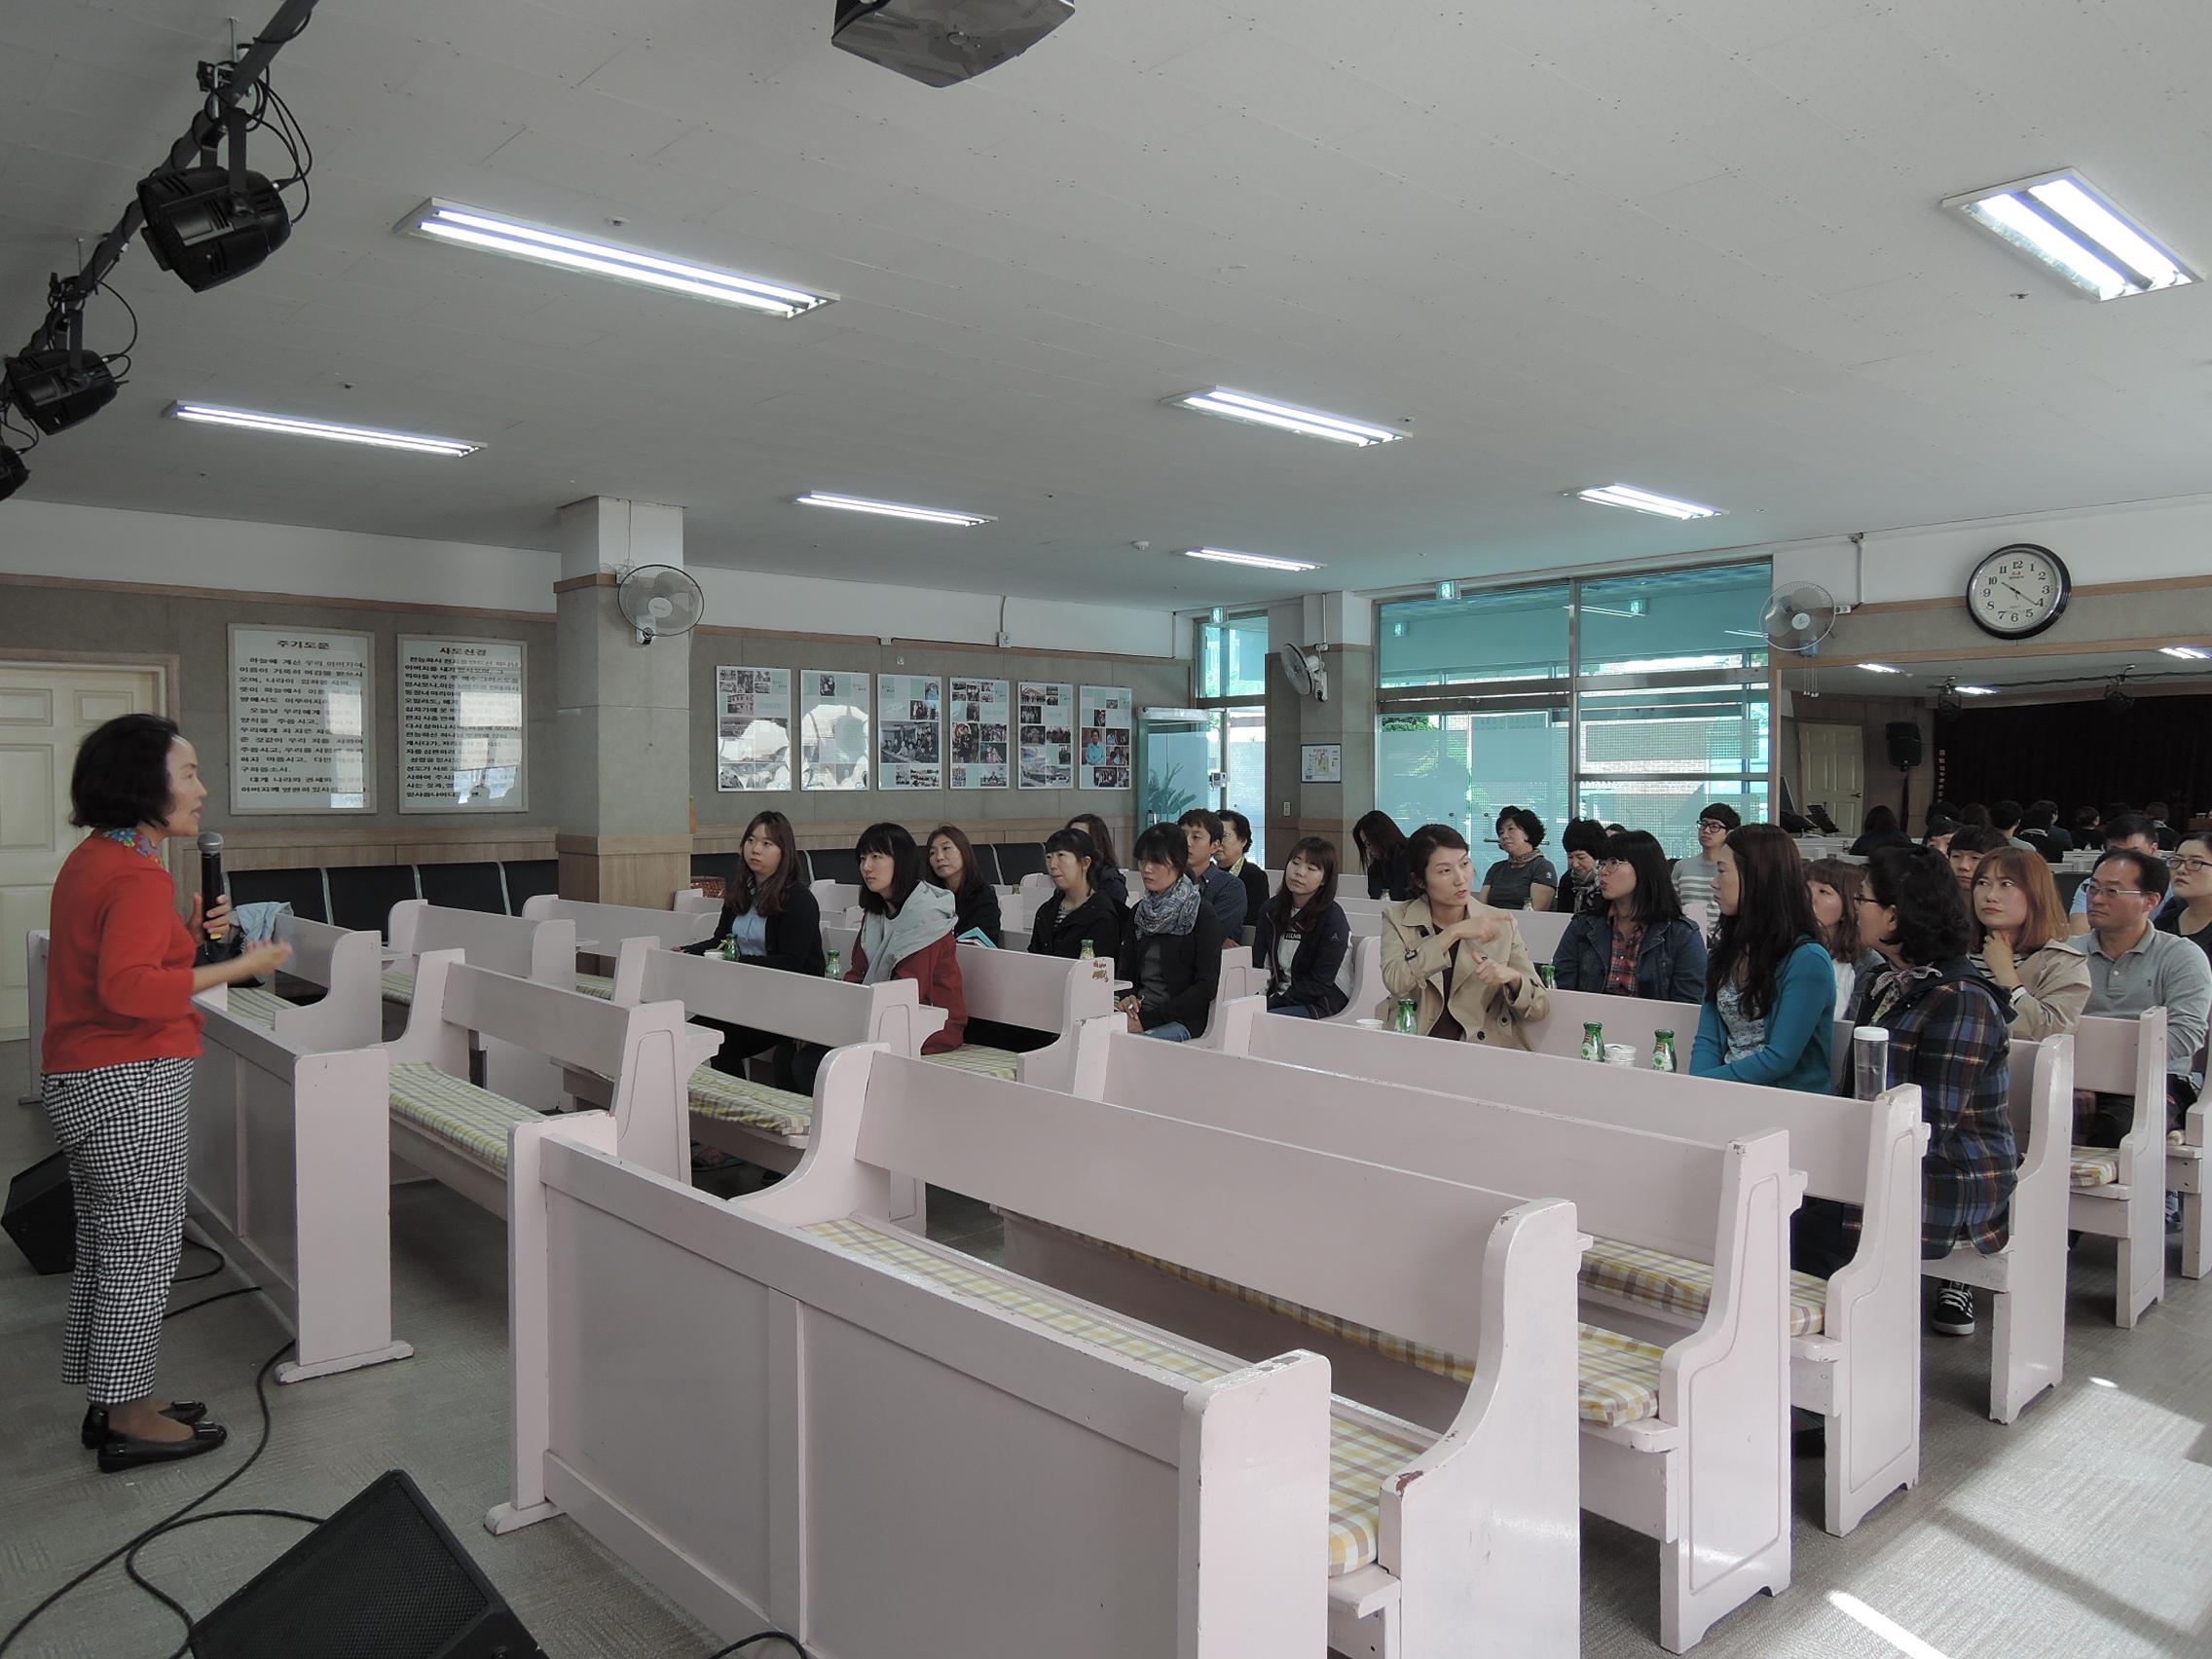 DSCN0878.JPG